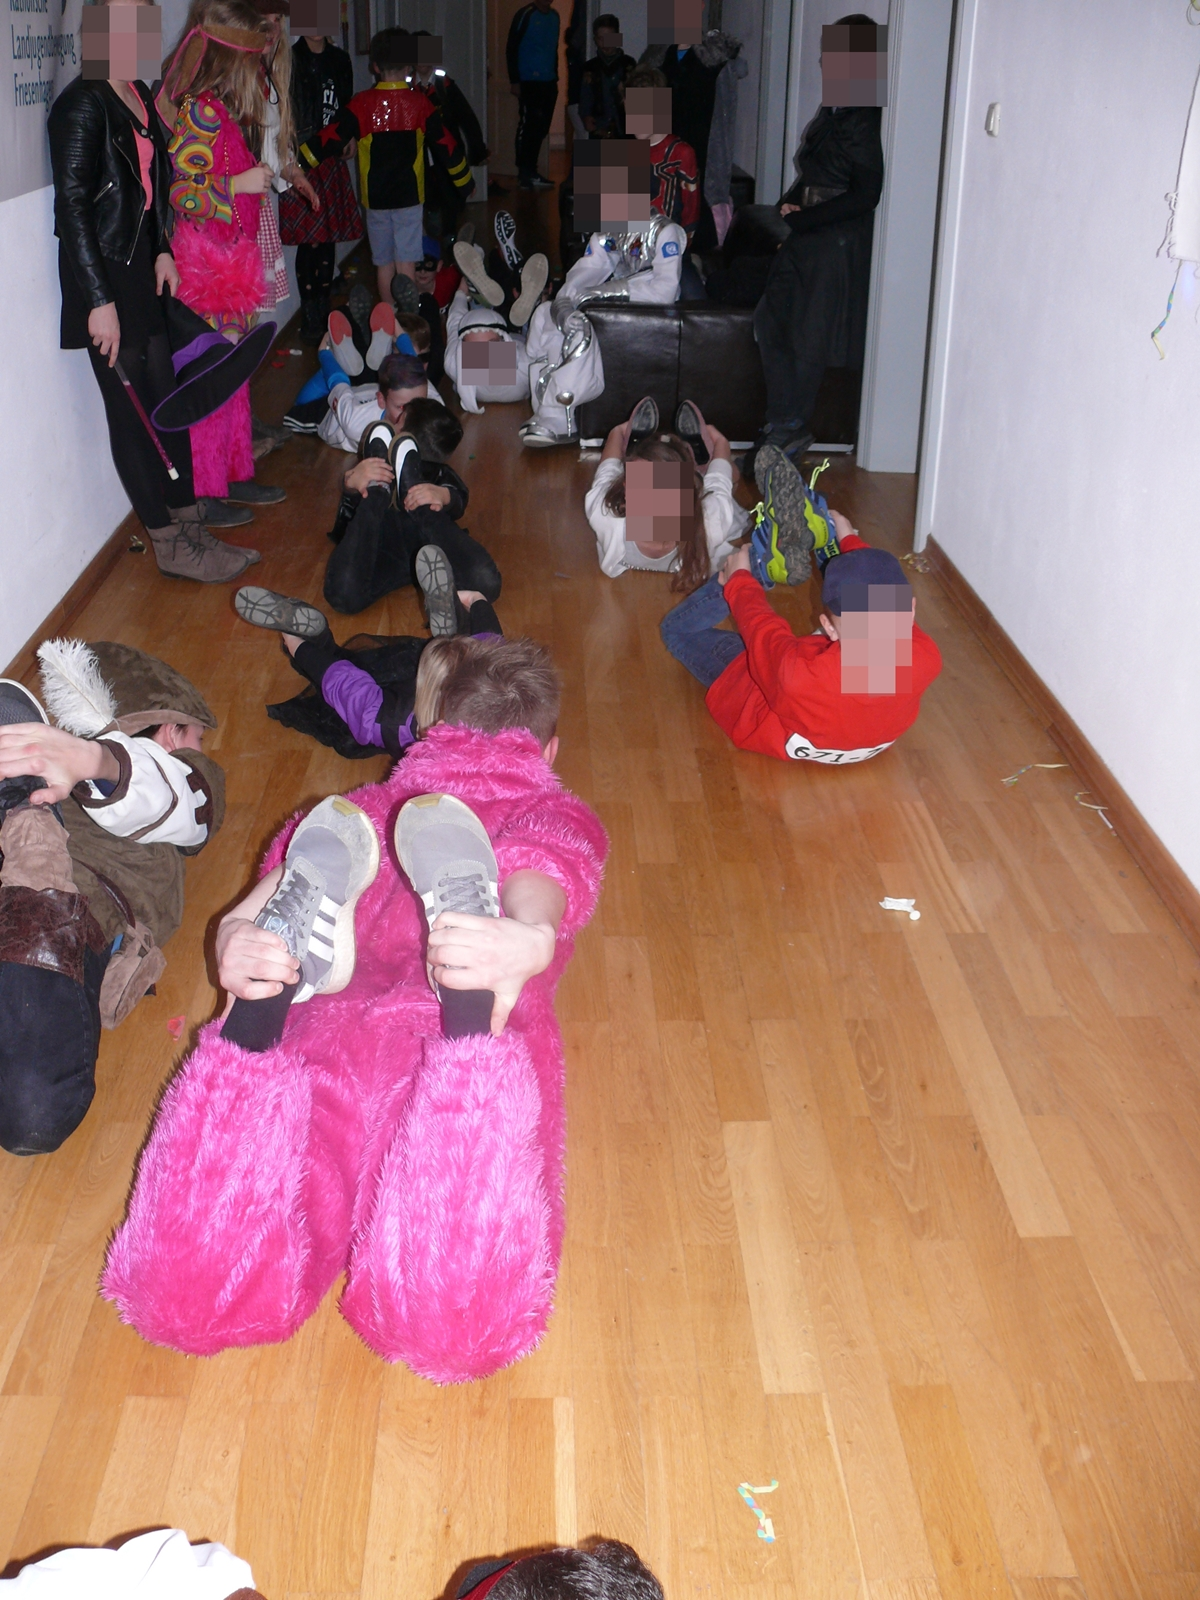 Zum Schluss wurde noch die Robbe getanzt und dan gingen alle müde nach Hause. Was für ein lustiger Abschluss!